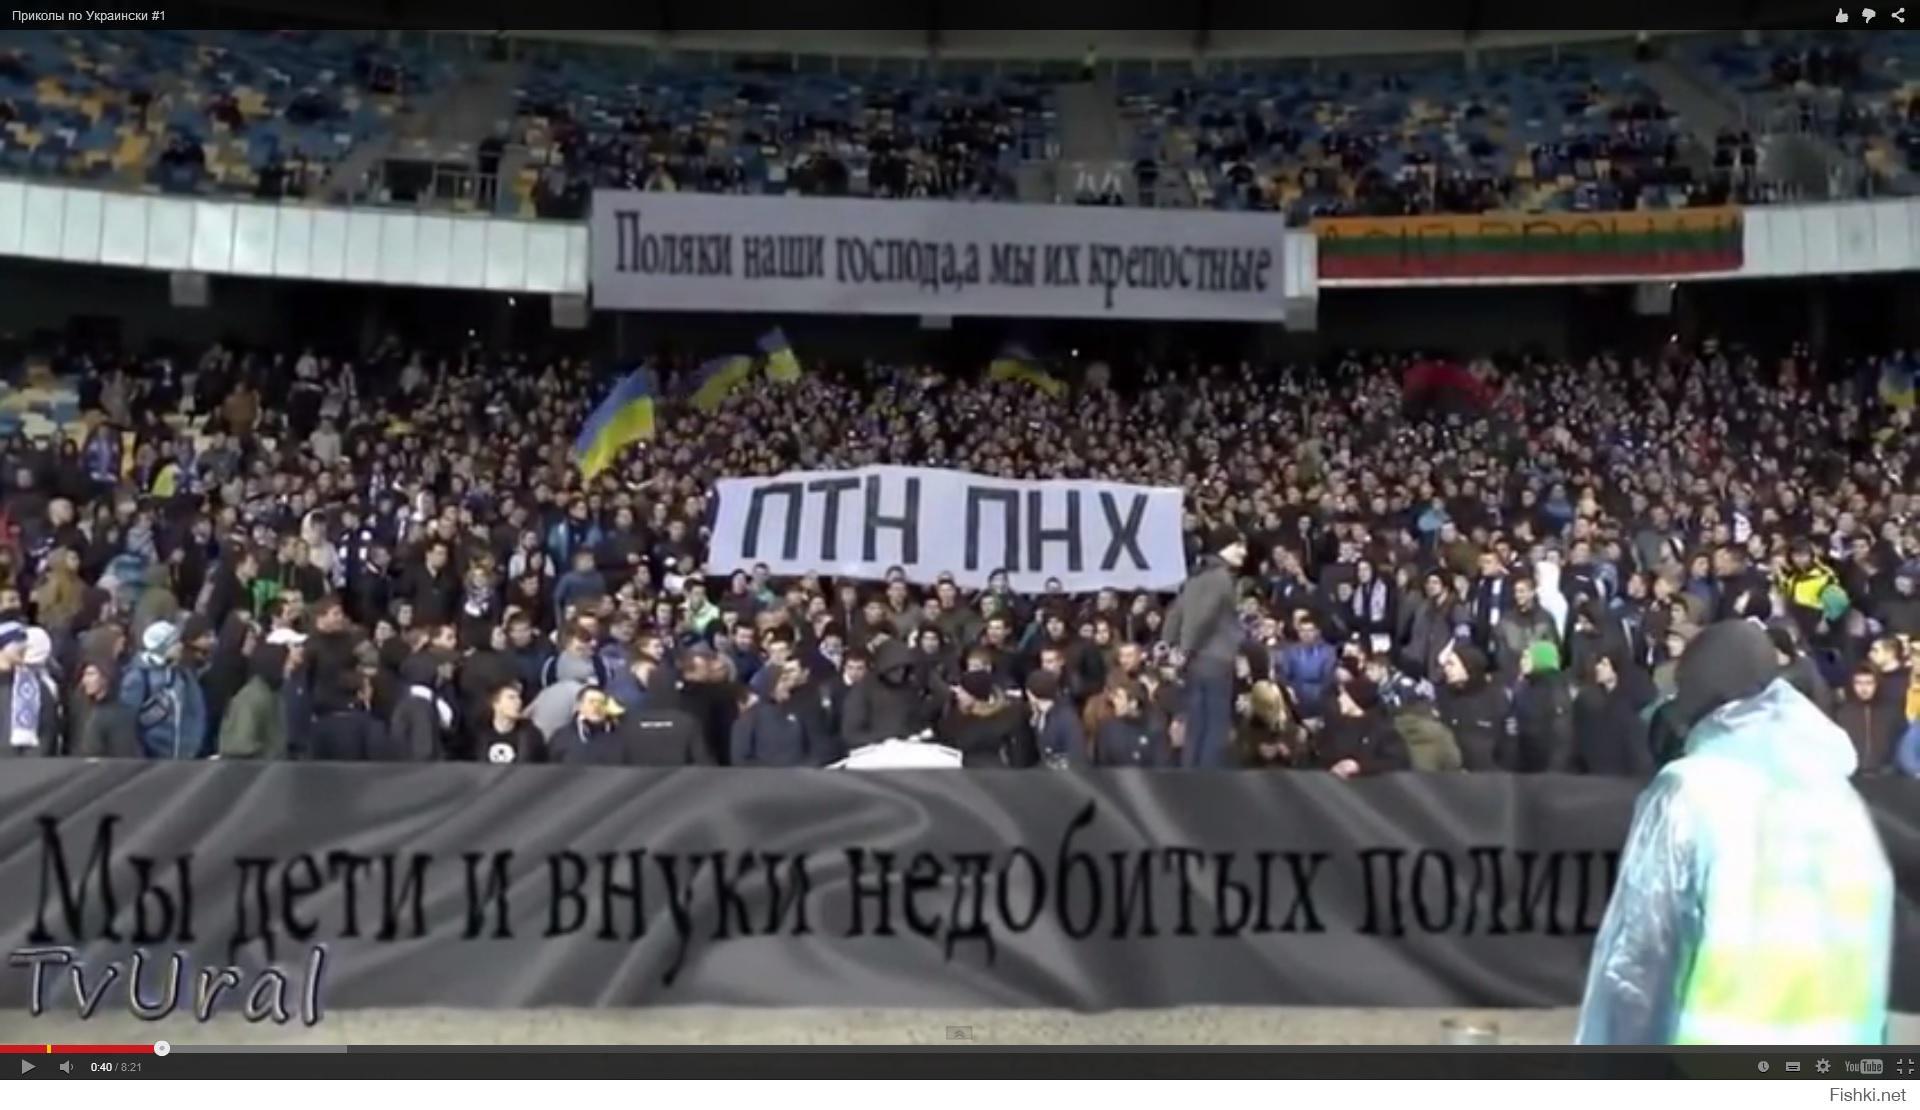 хохмы про украину фото разработчиков